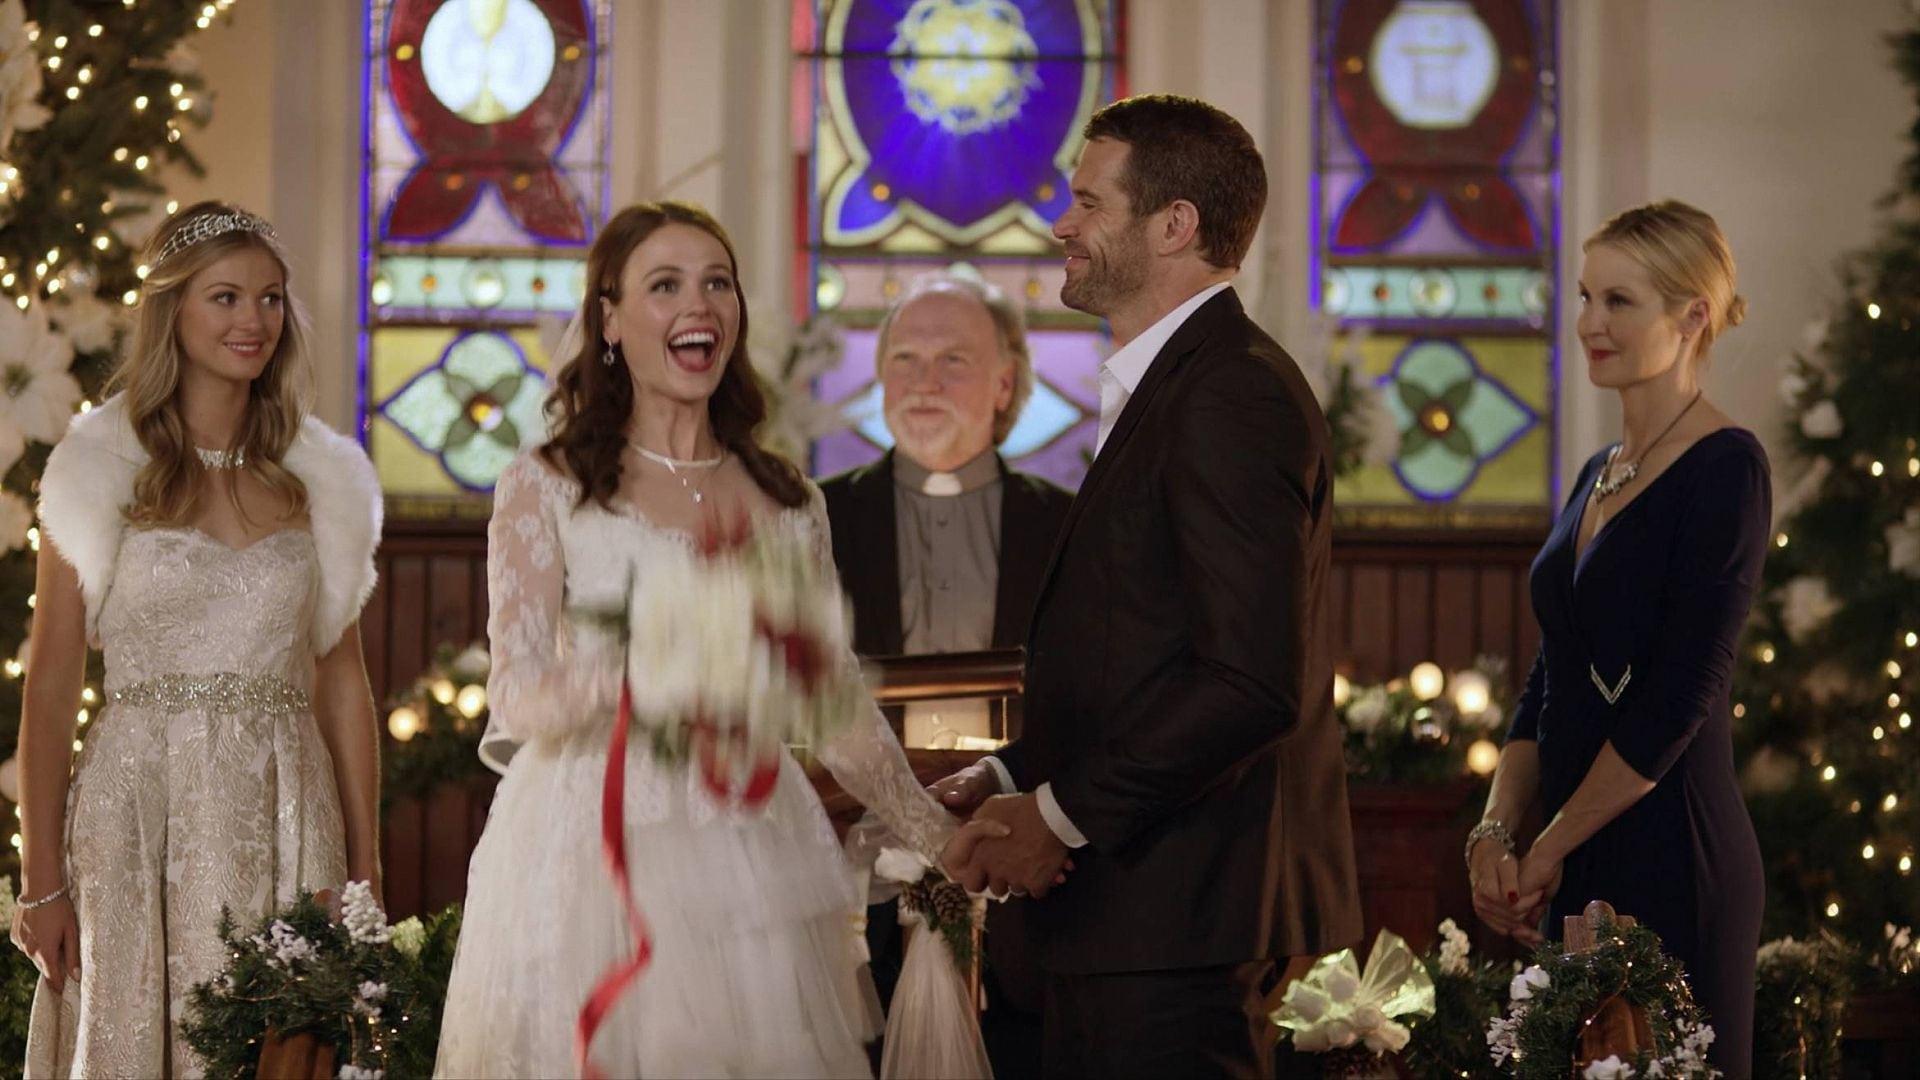 Любят свадьба на рождество смотреть онлайн проститутки видео мужской